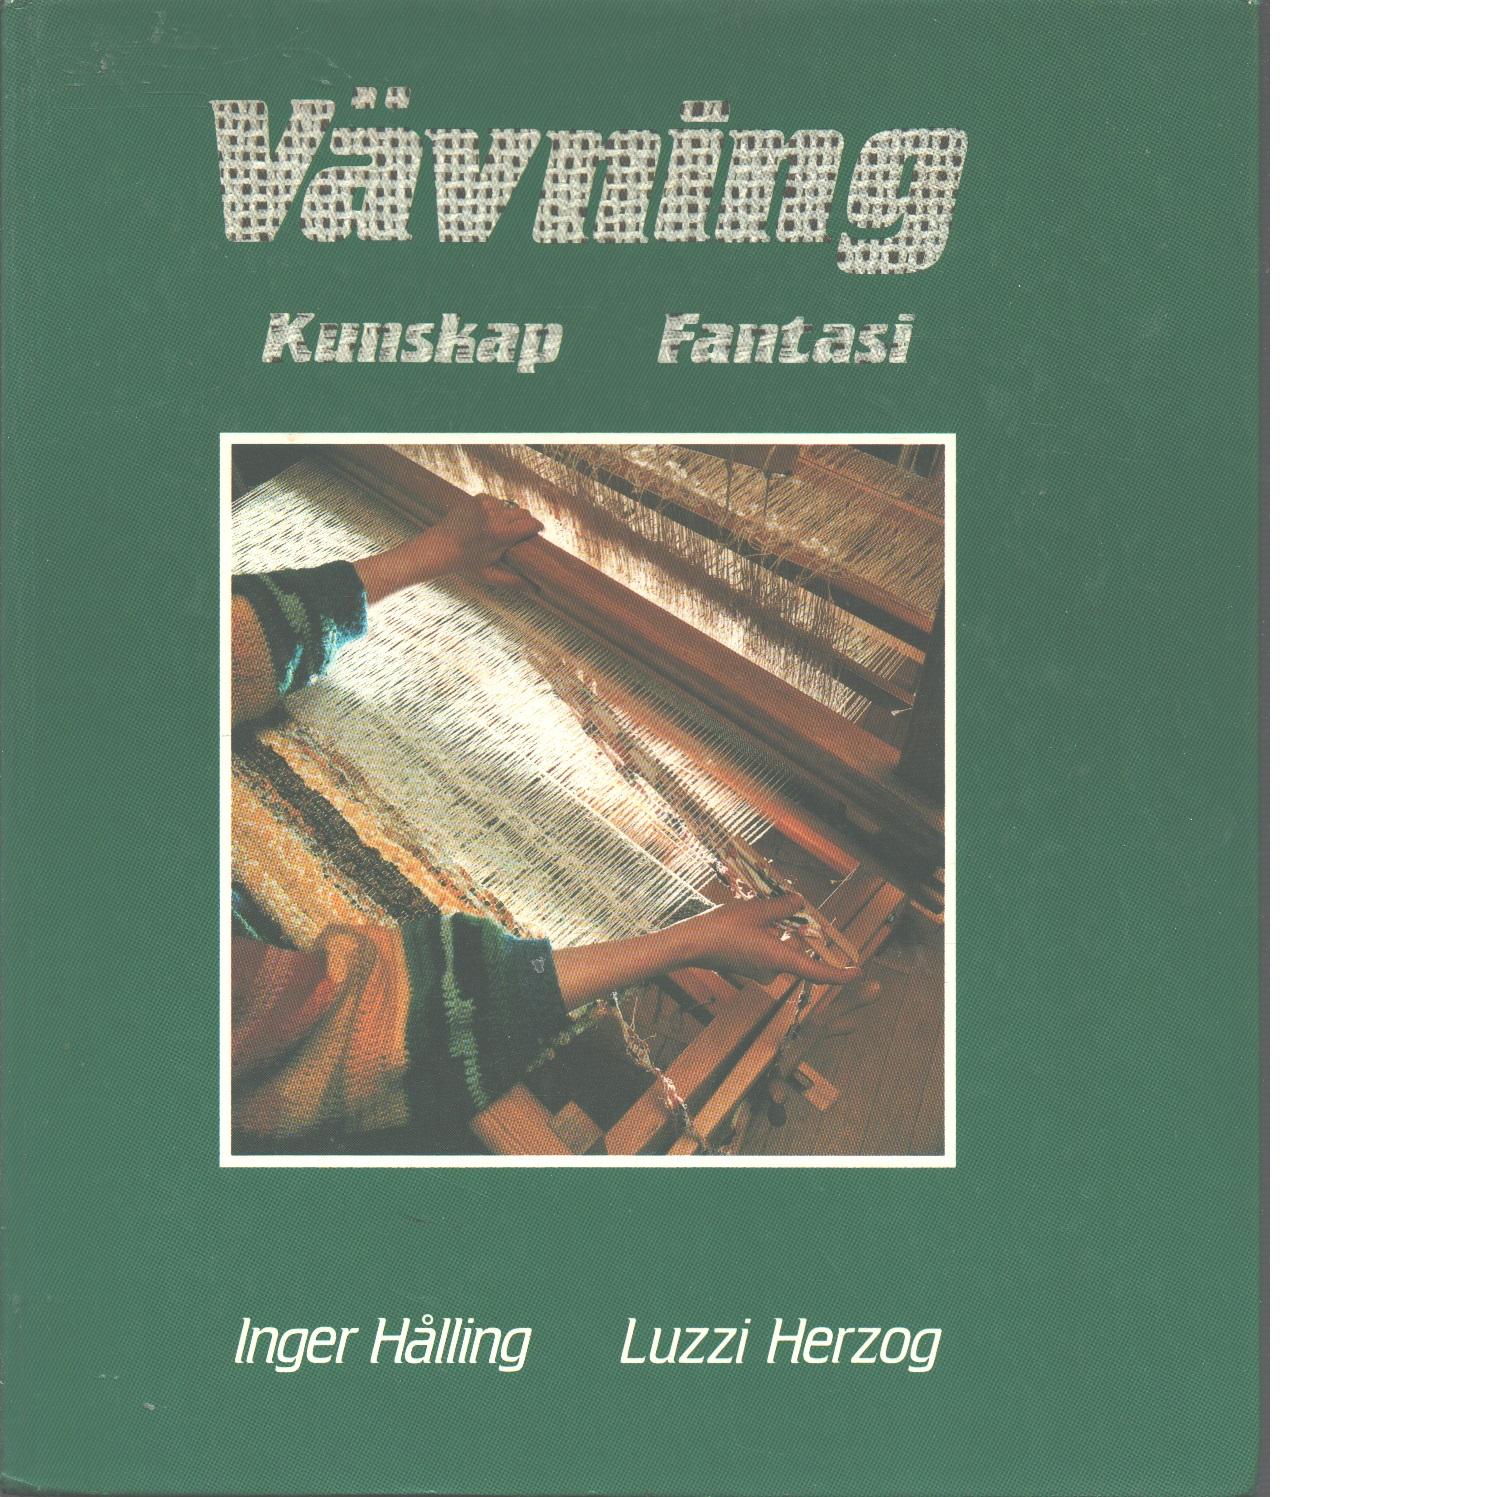 Vävning : kunskap, fantasi - Hålling, Inger och Herzog, Luzzi